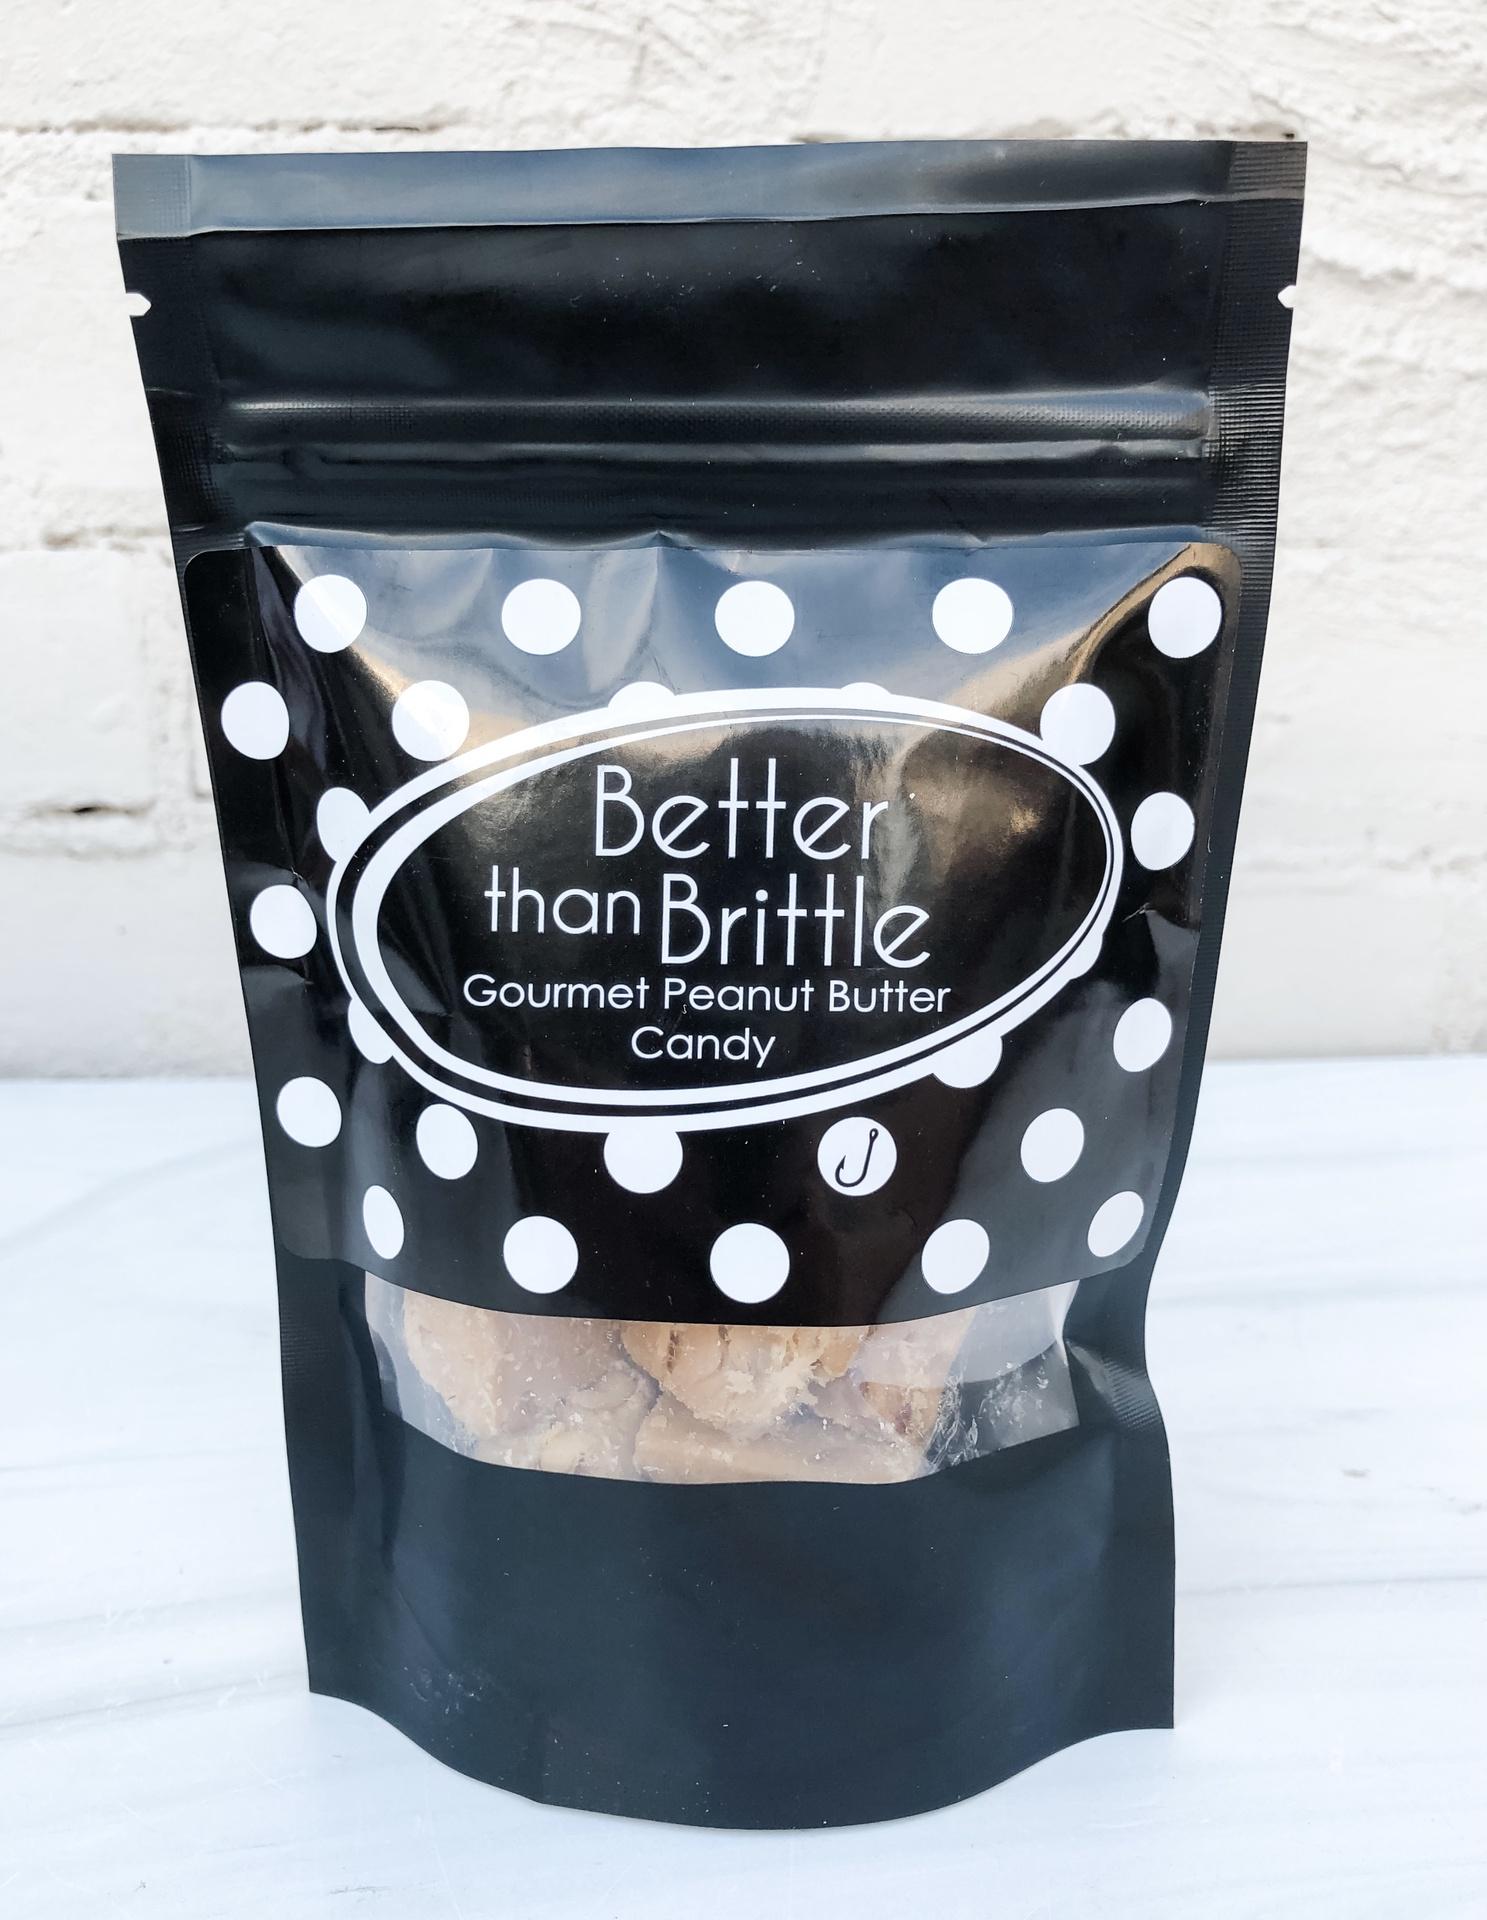 Better than Brittle: Gourmet Peanut Butter Candy, 8oz